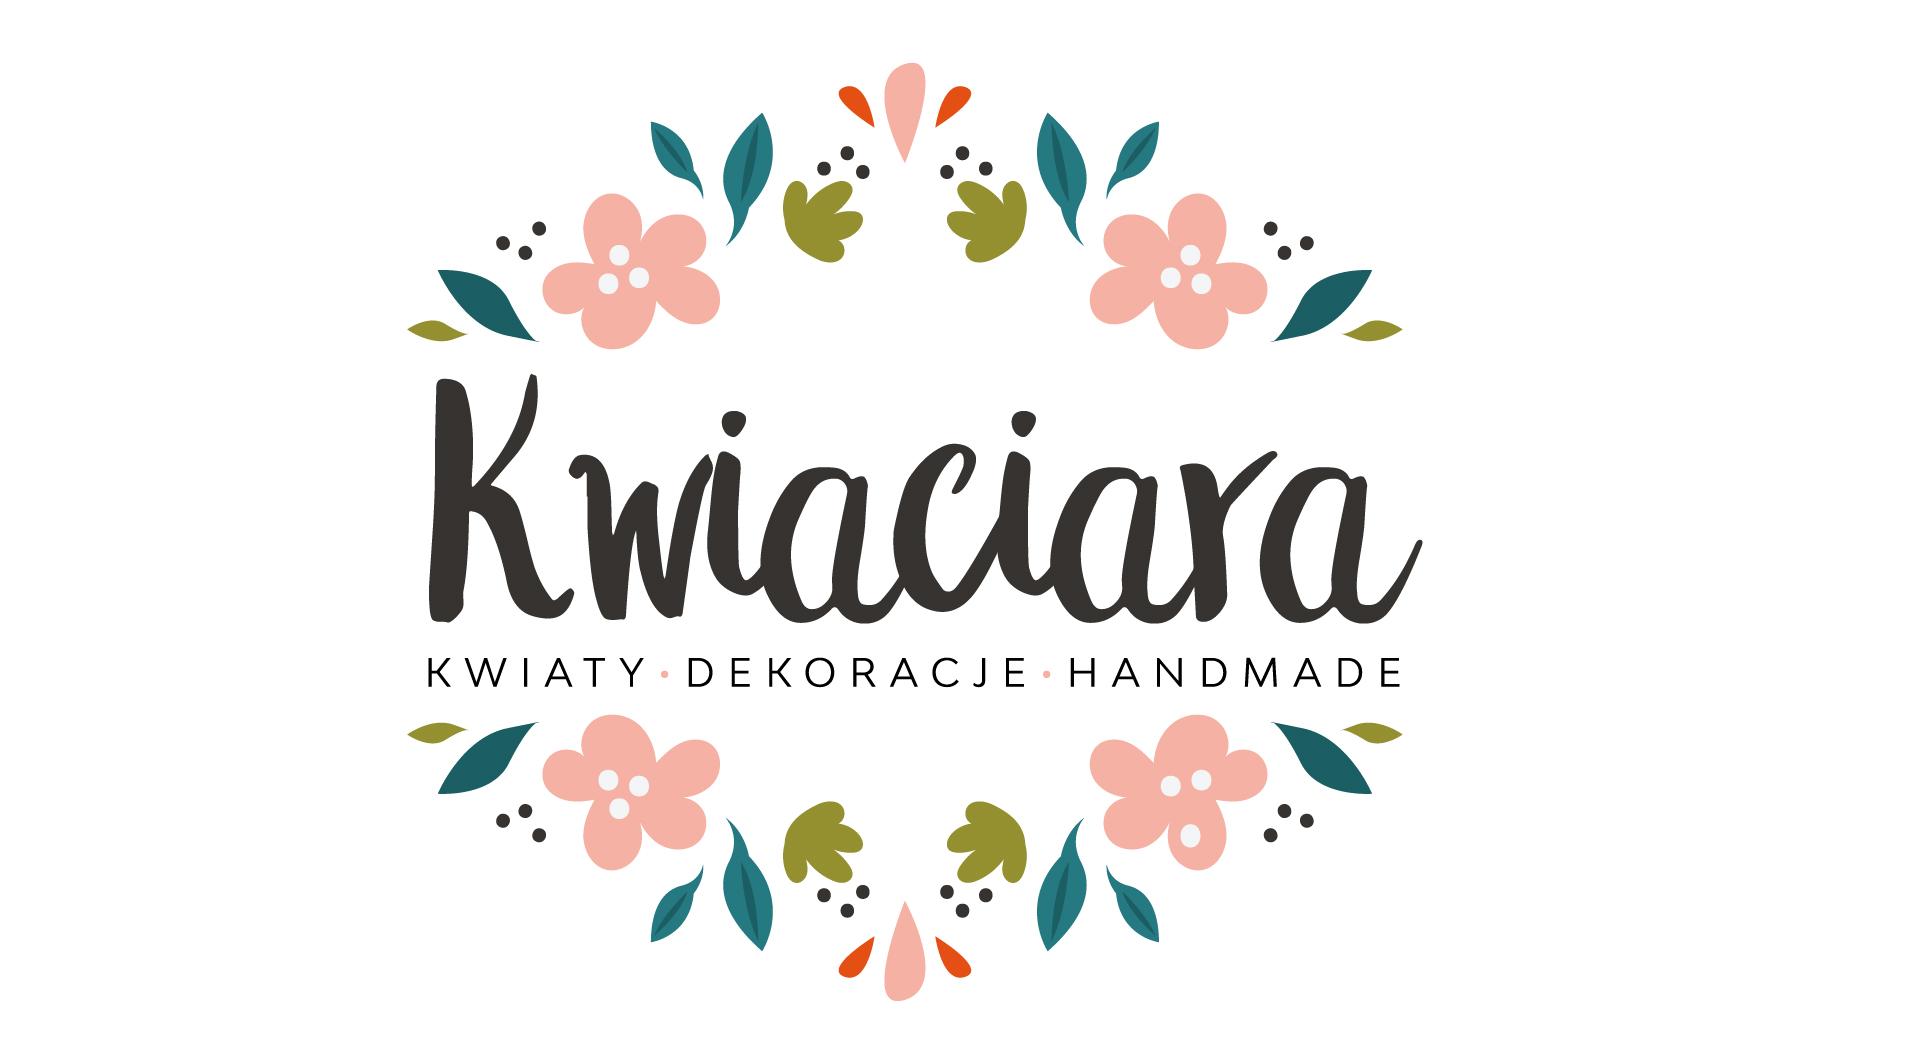 Kwiaciara - kwiaty, dekoracje, handmade